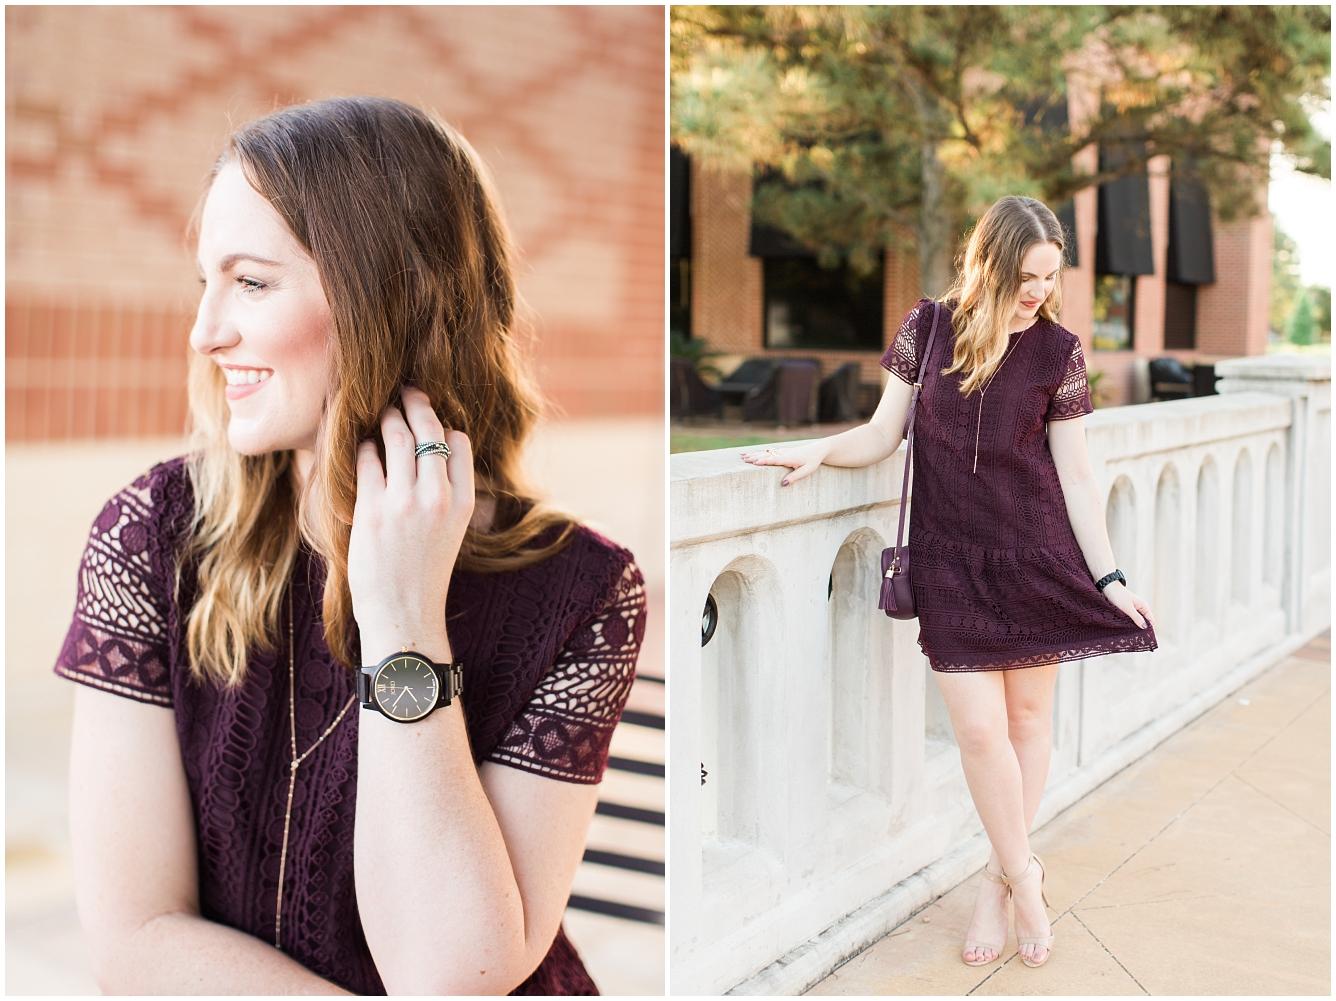 houston-tx-fashion-blogger-photographer-14